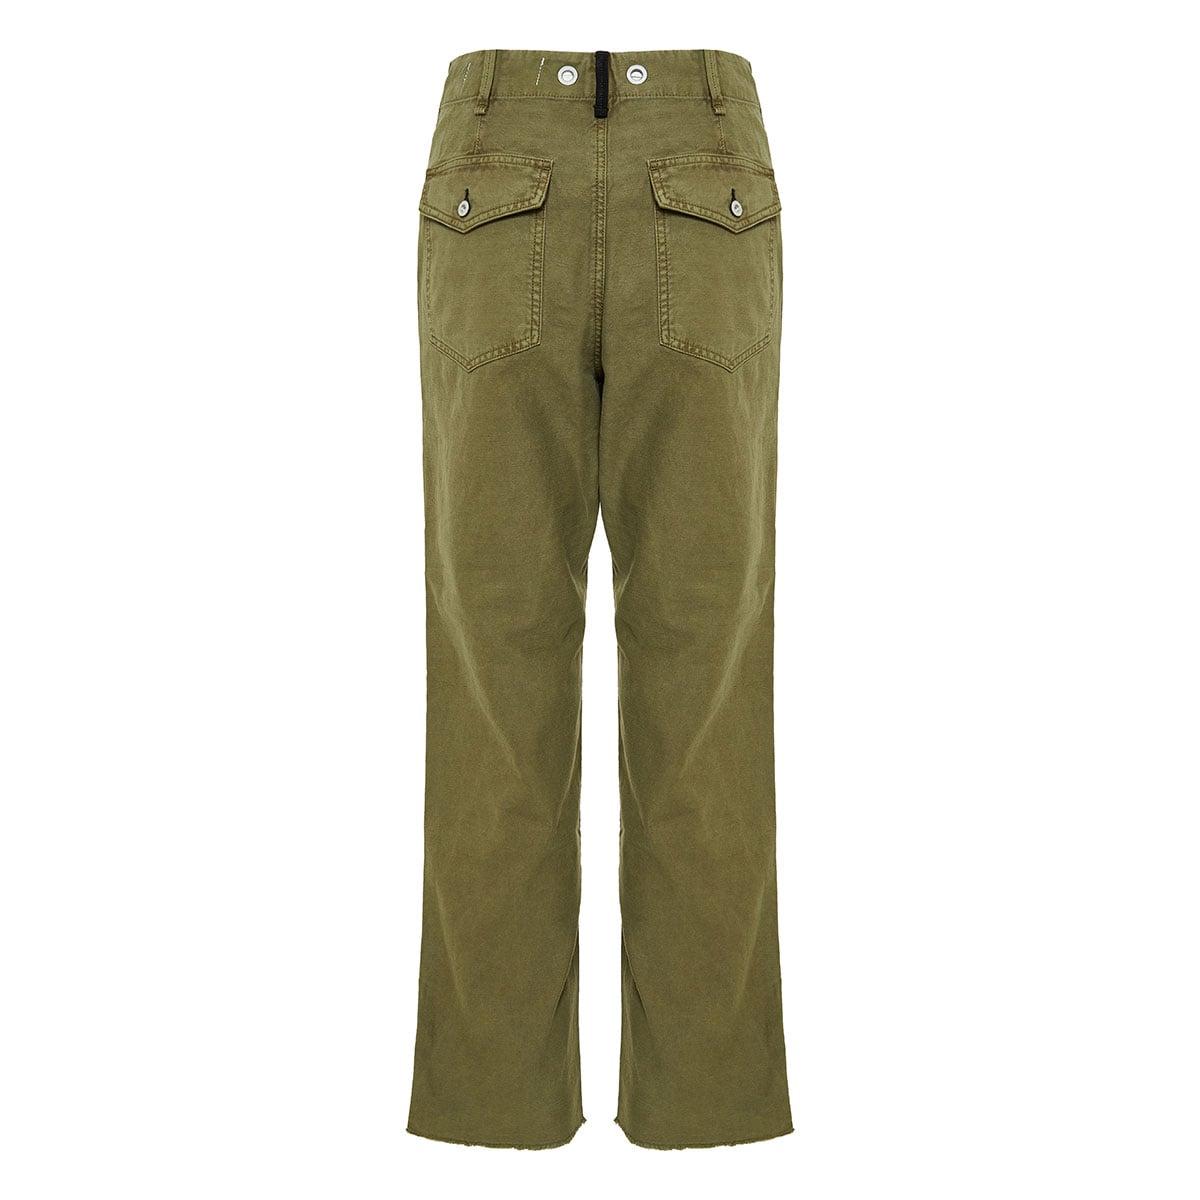 Kaye cropped chino trousers